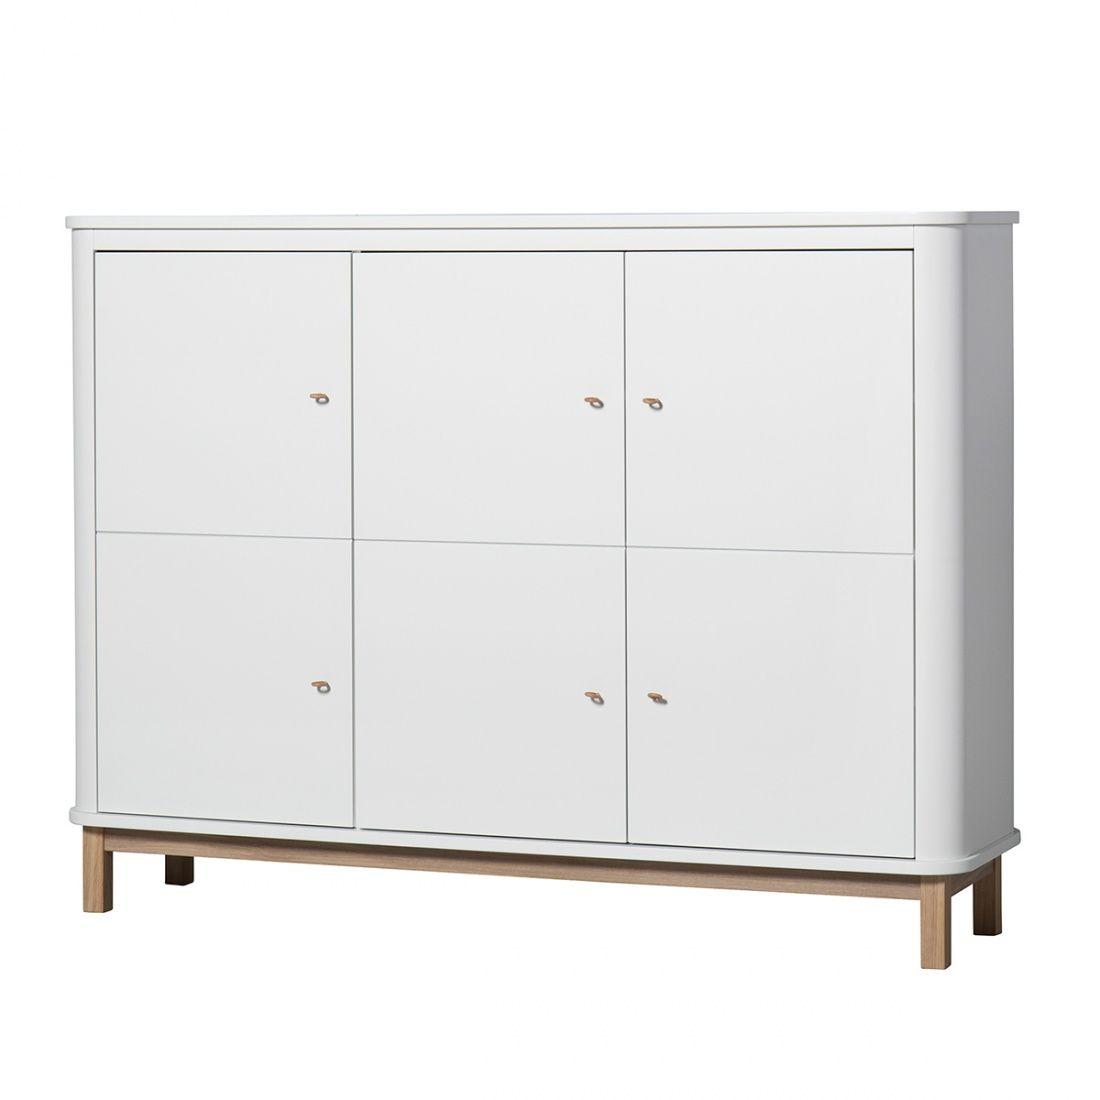 Armoire Basse 3 Portes Wood Oliver Furniture File Dans Ta